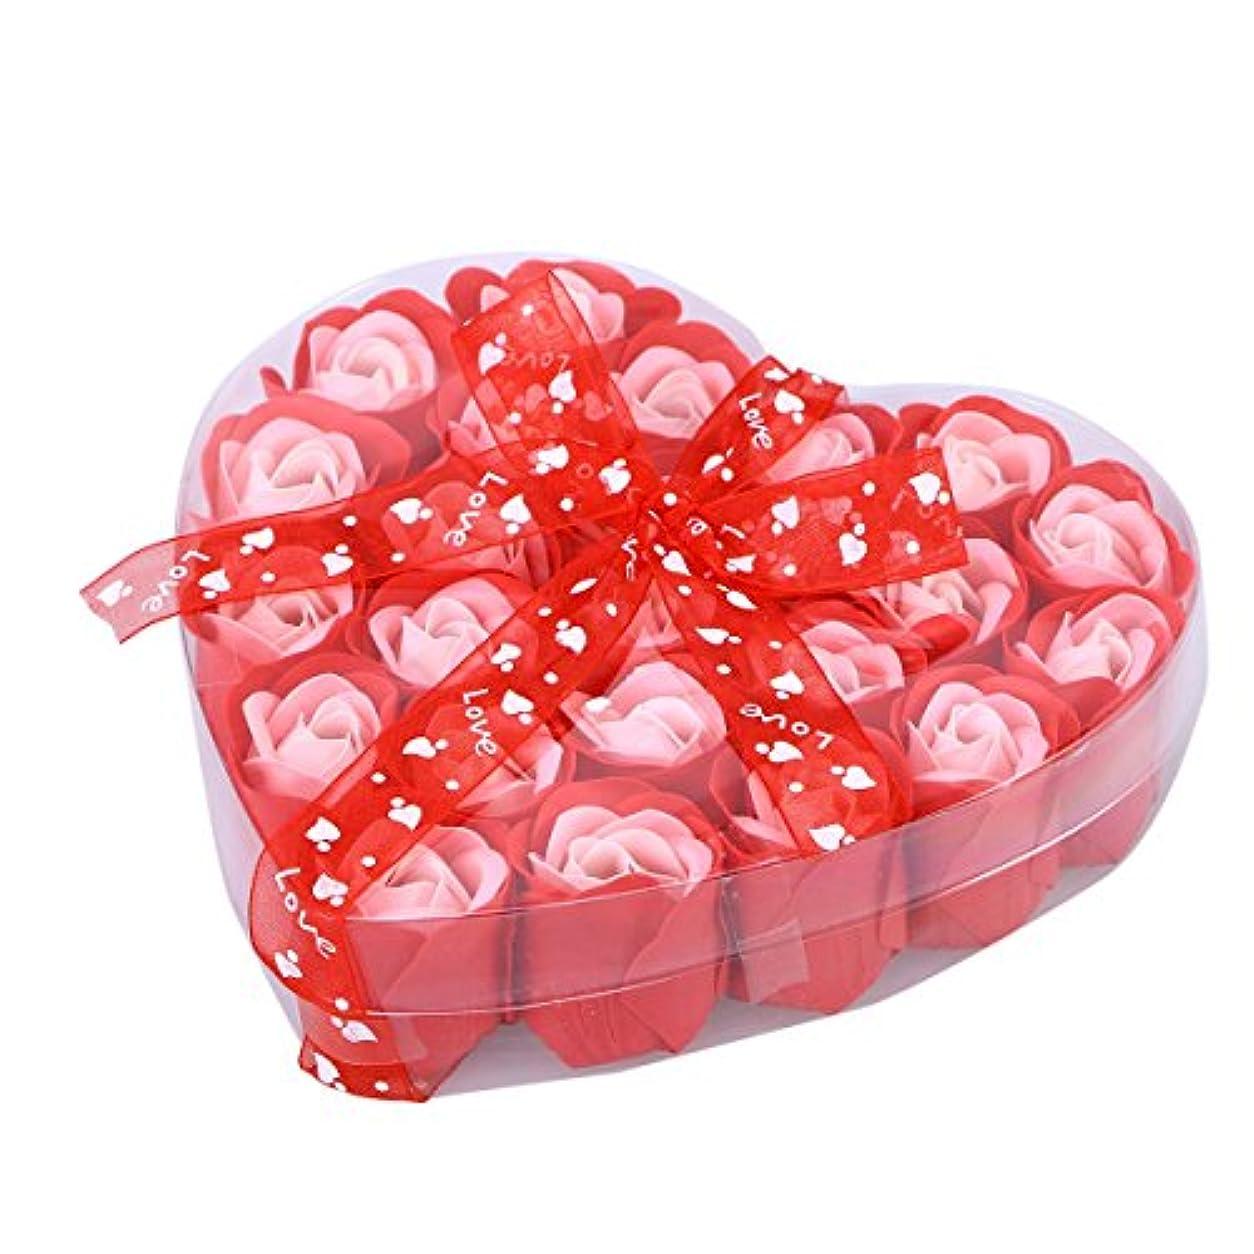 に応じて動かない小売Healifty バレンタインデーのハートボックスに香りの石鹸バラの花びら(ランダムリボン)24個